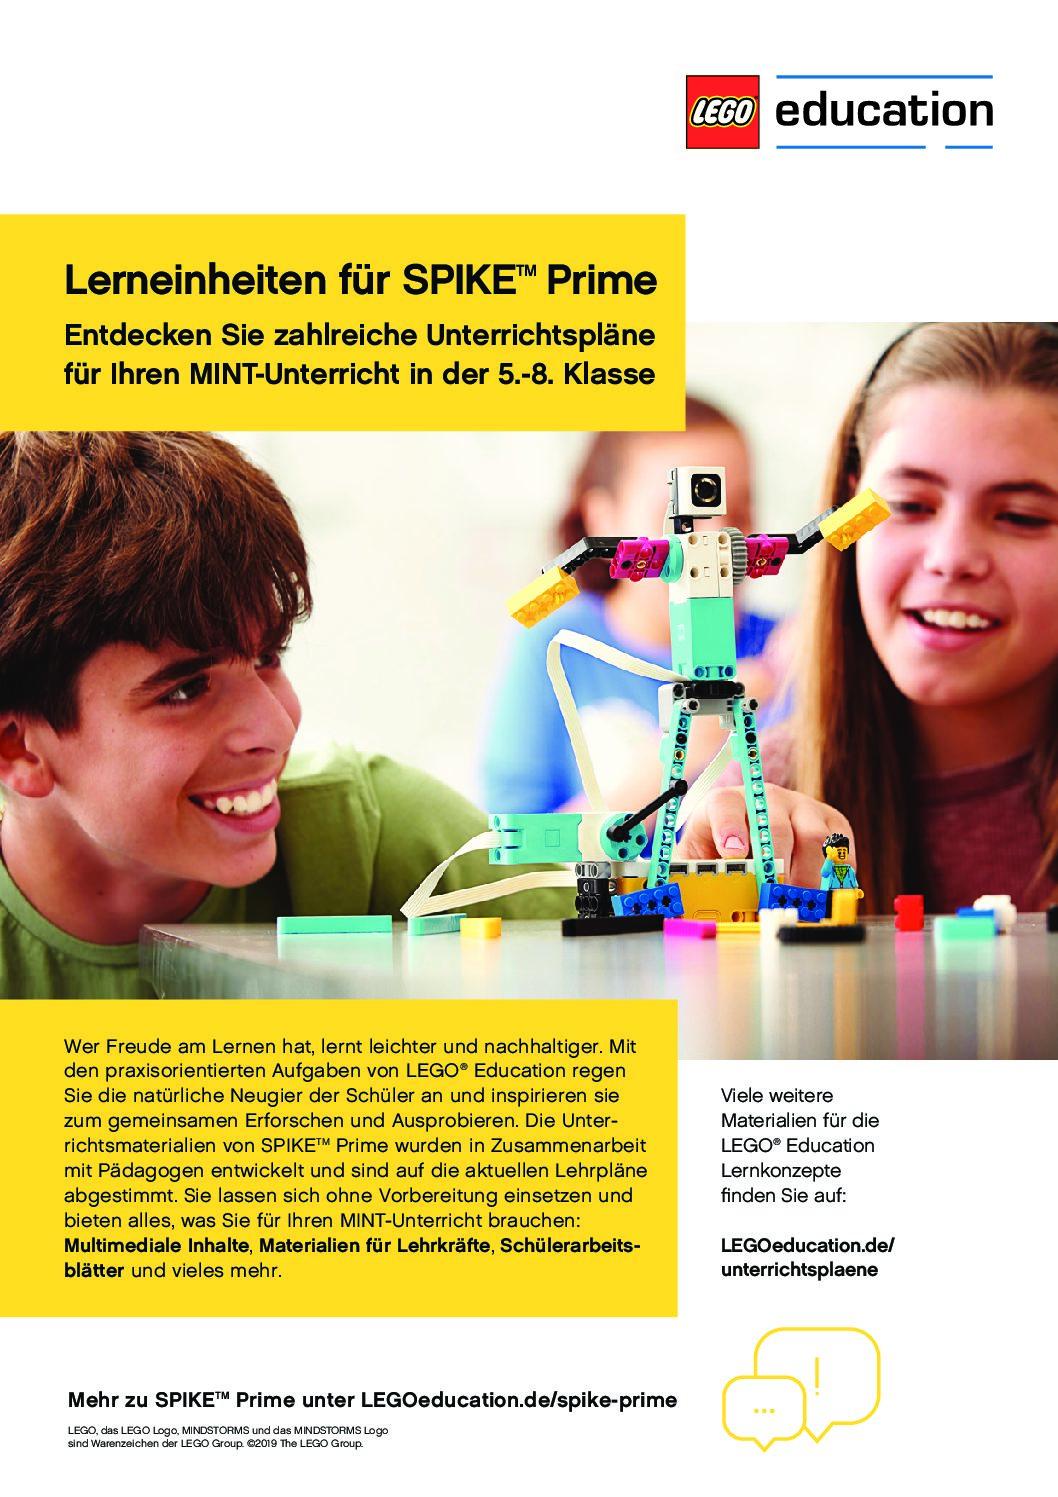 LE_SPIKE_Prime_Lerneinheiten-blanko-digital-02